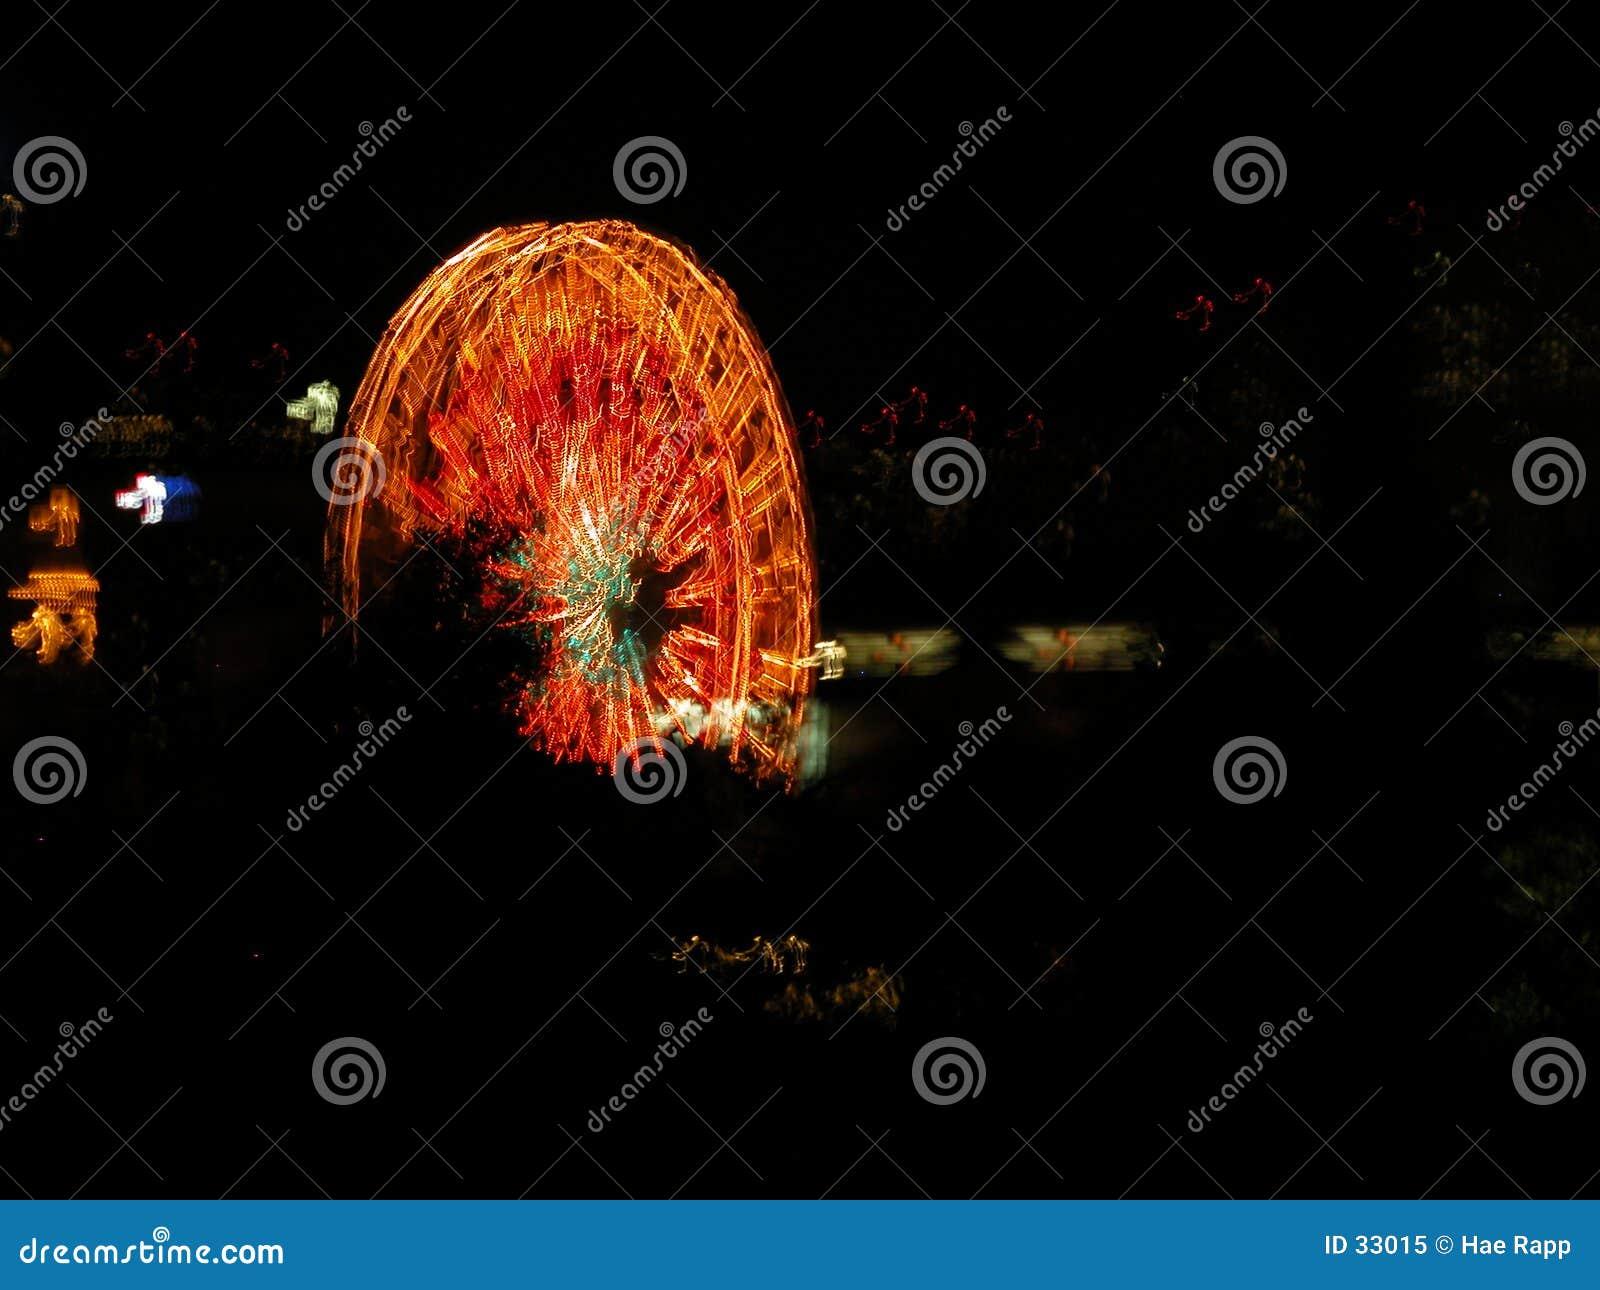 Ferriswheels